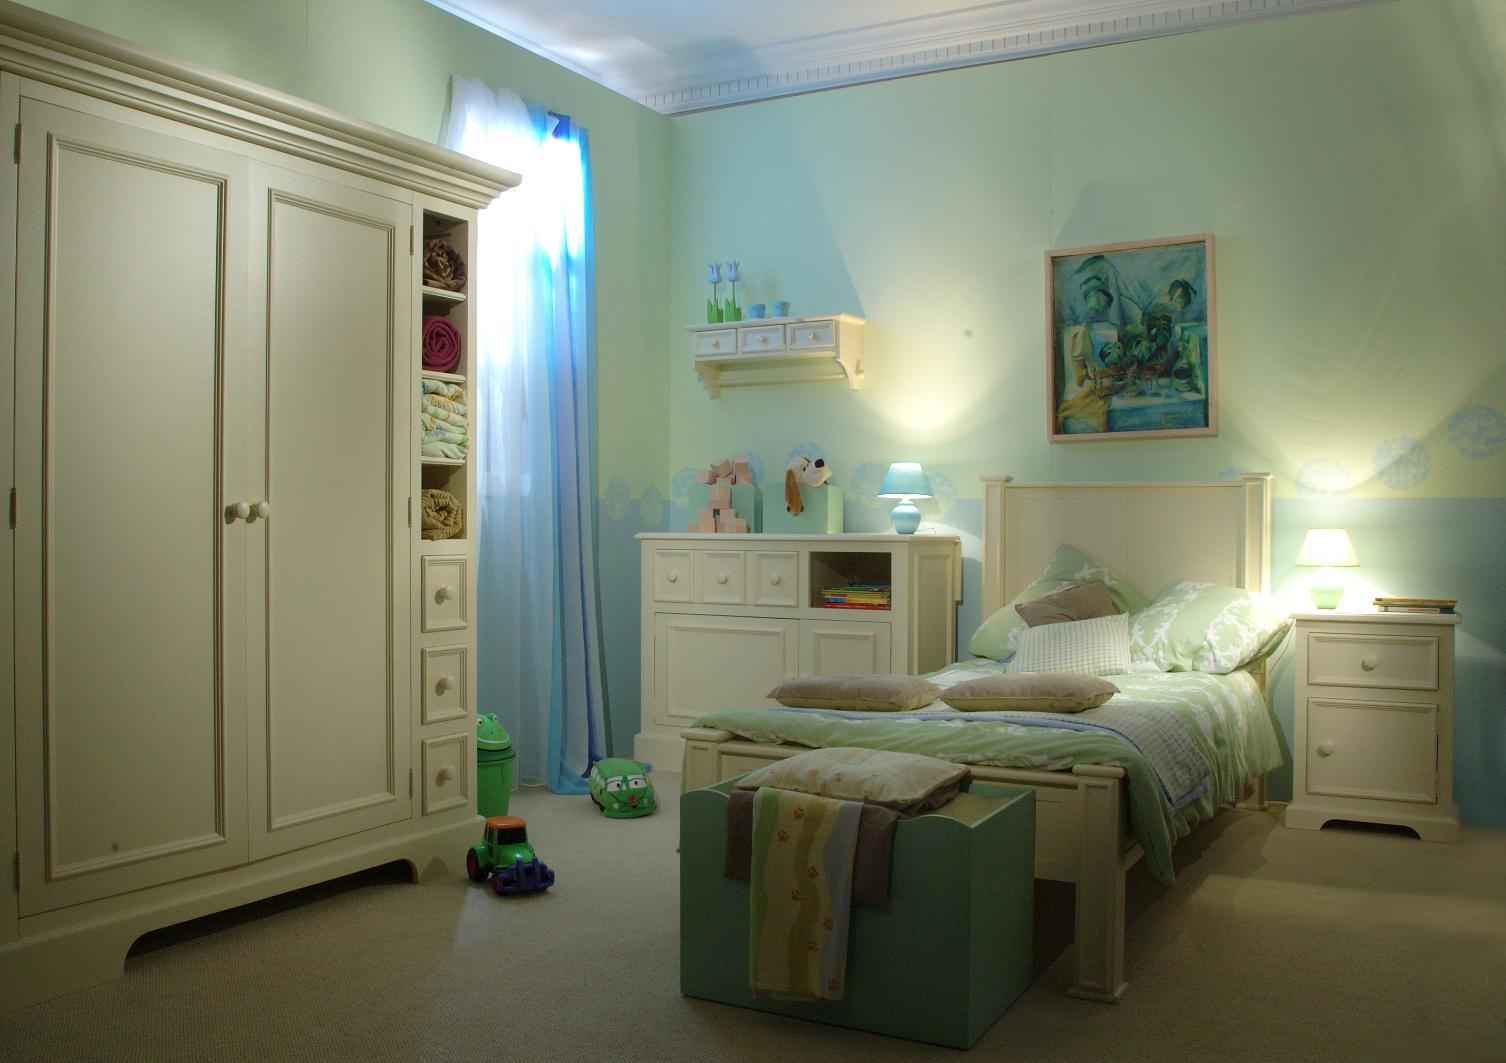 Camerette per bambini usate udine - Camerette classiche per bambini ...